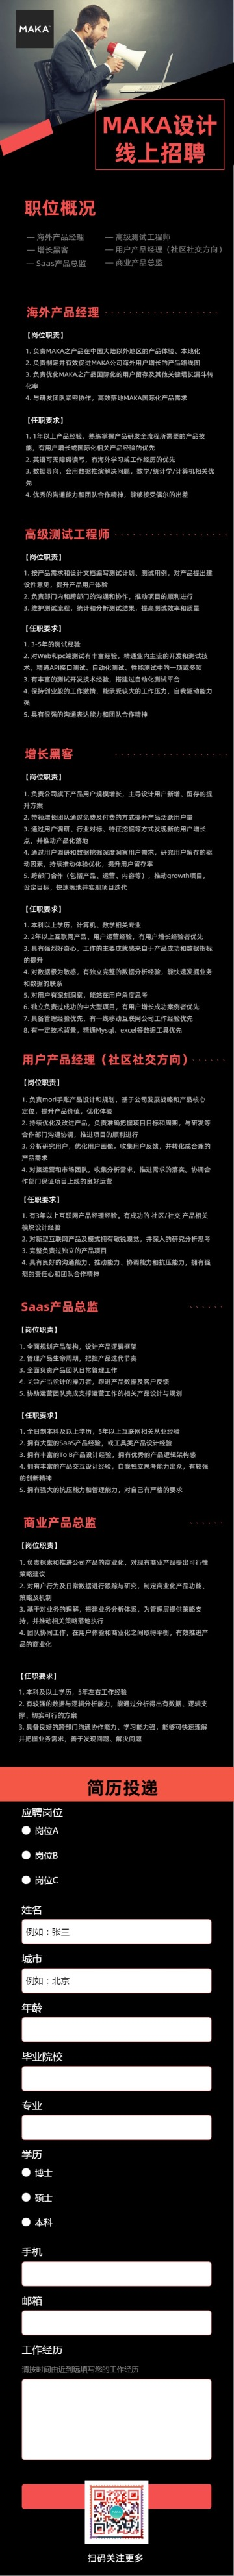 黑色红色撞色企业简洁网络招聘长页H5